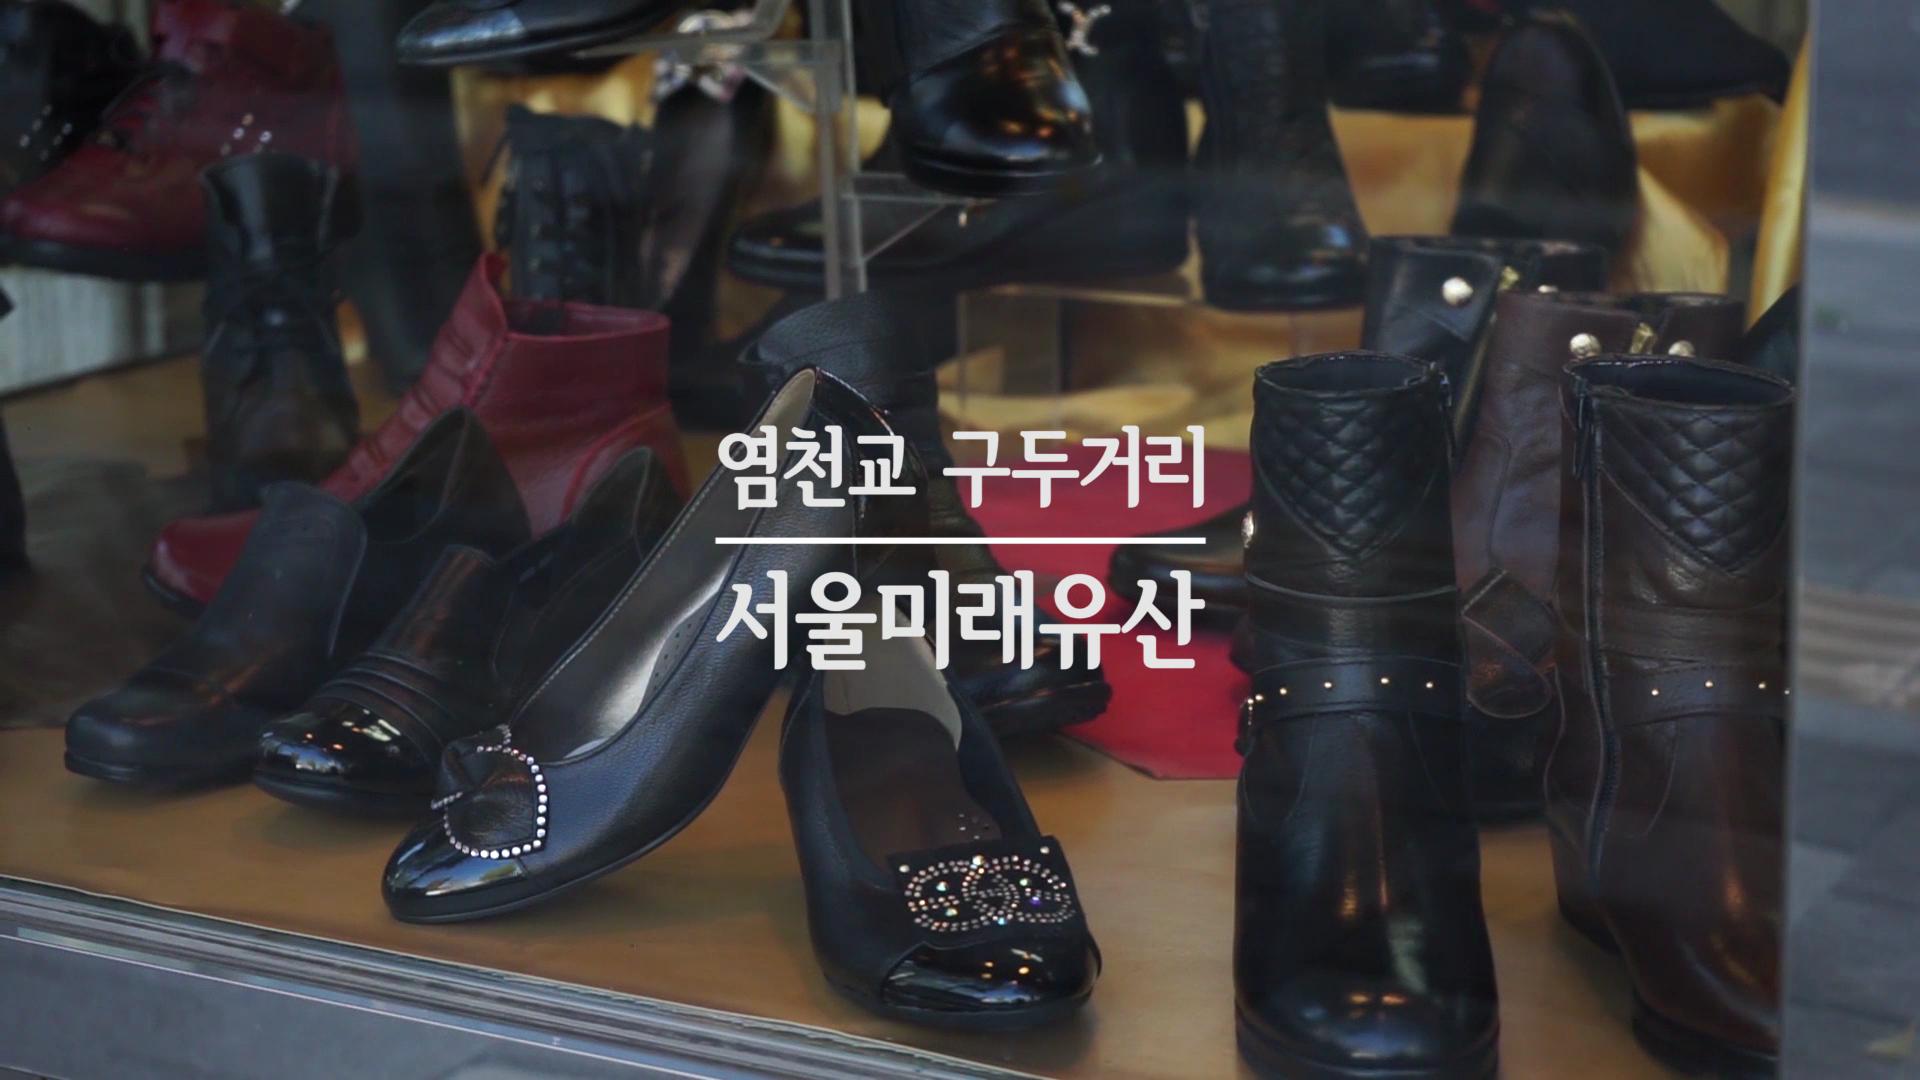 염천교 구두거리 인터뷰